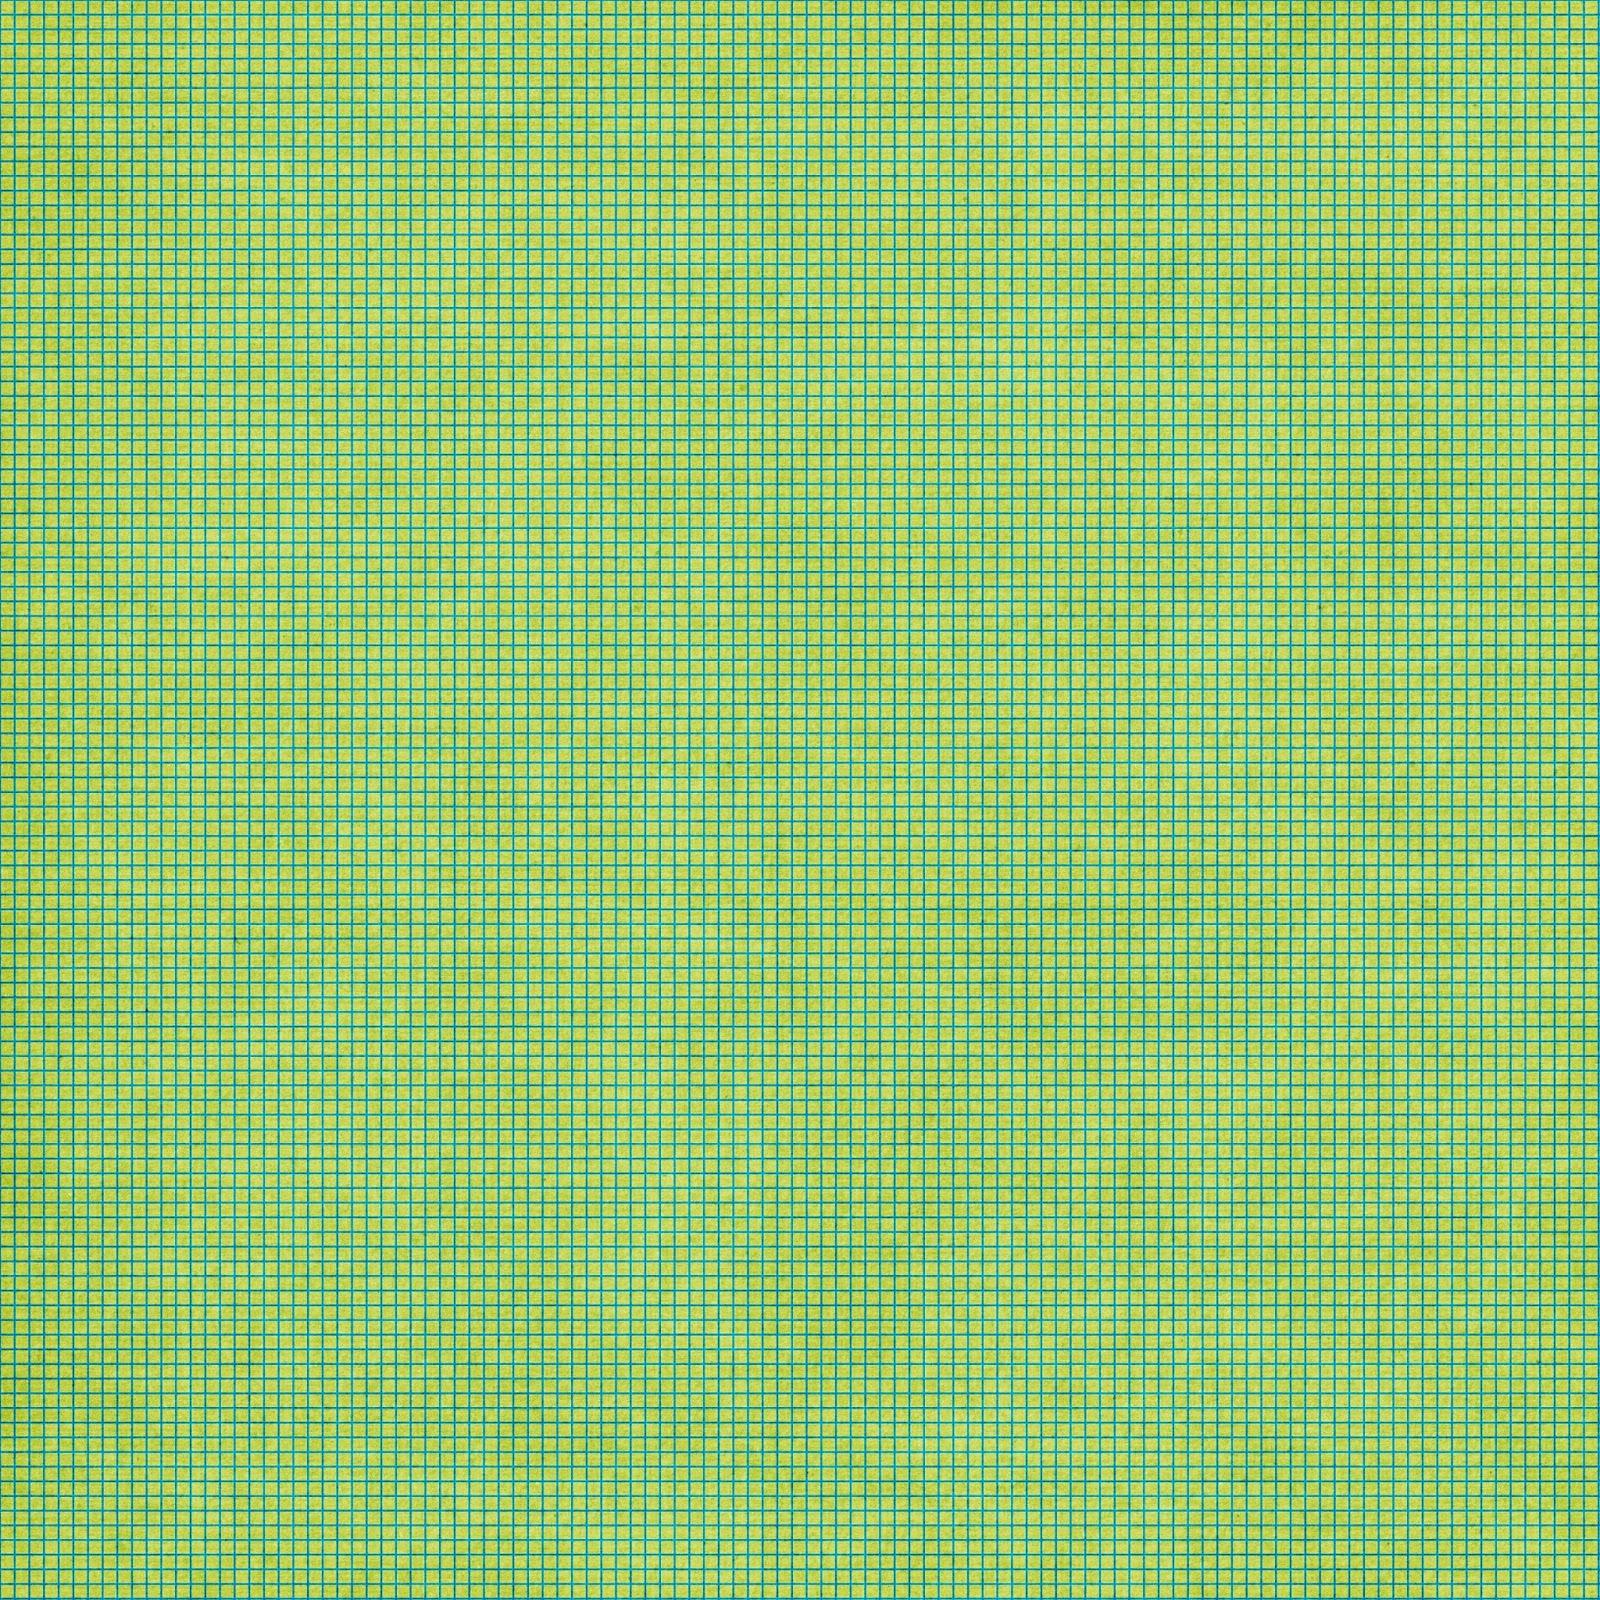 Fondo Verde Tipo Cómic.